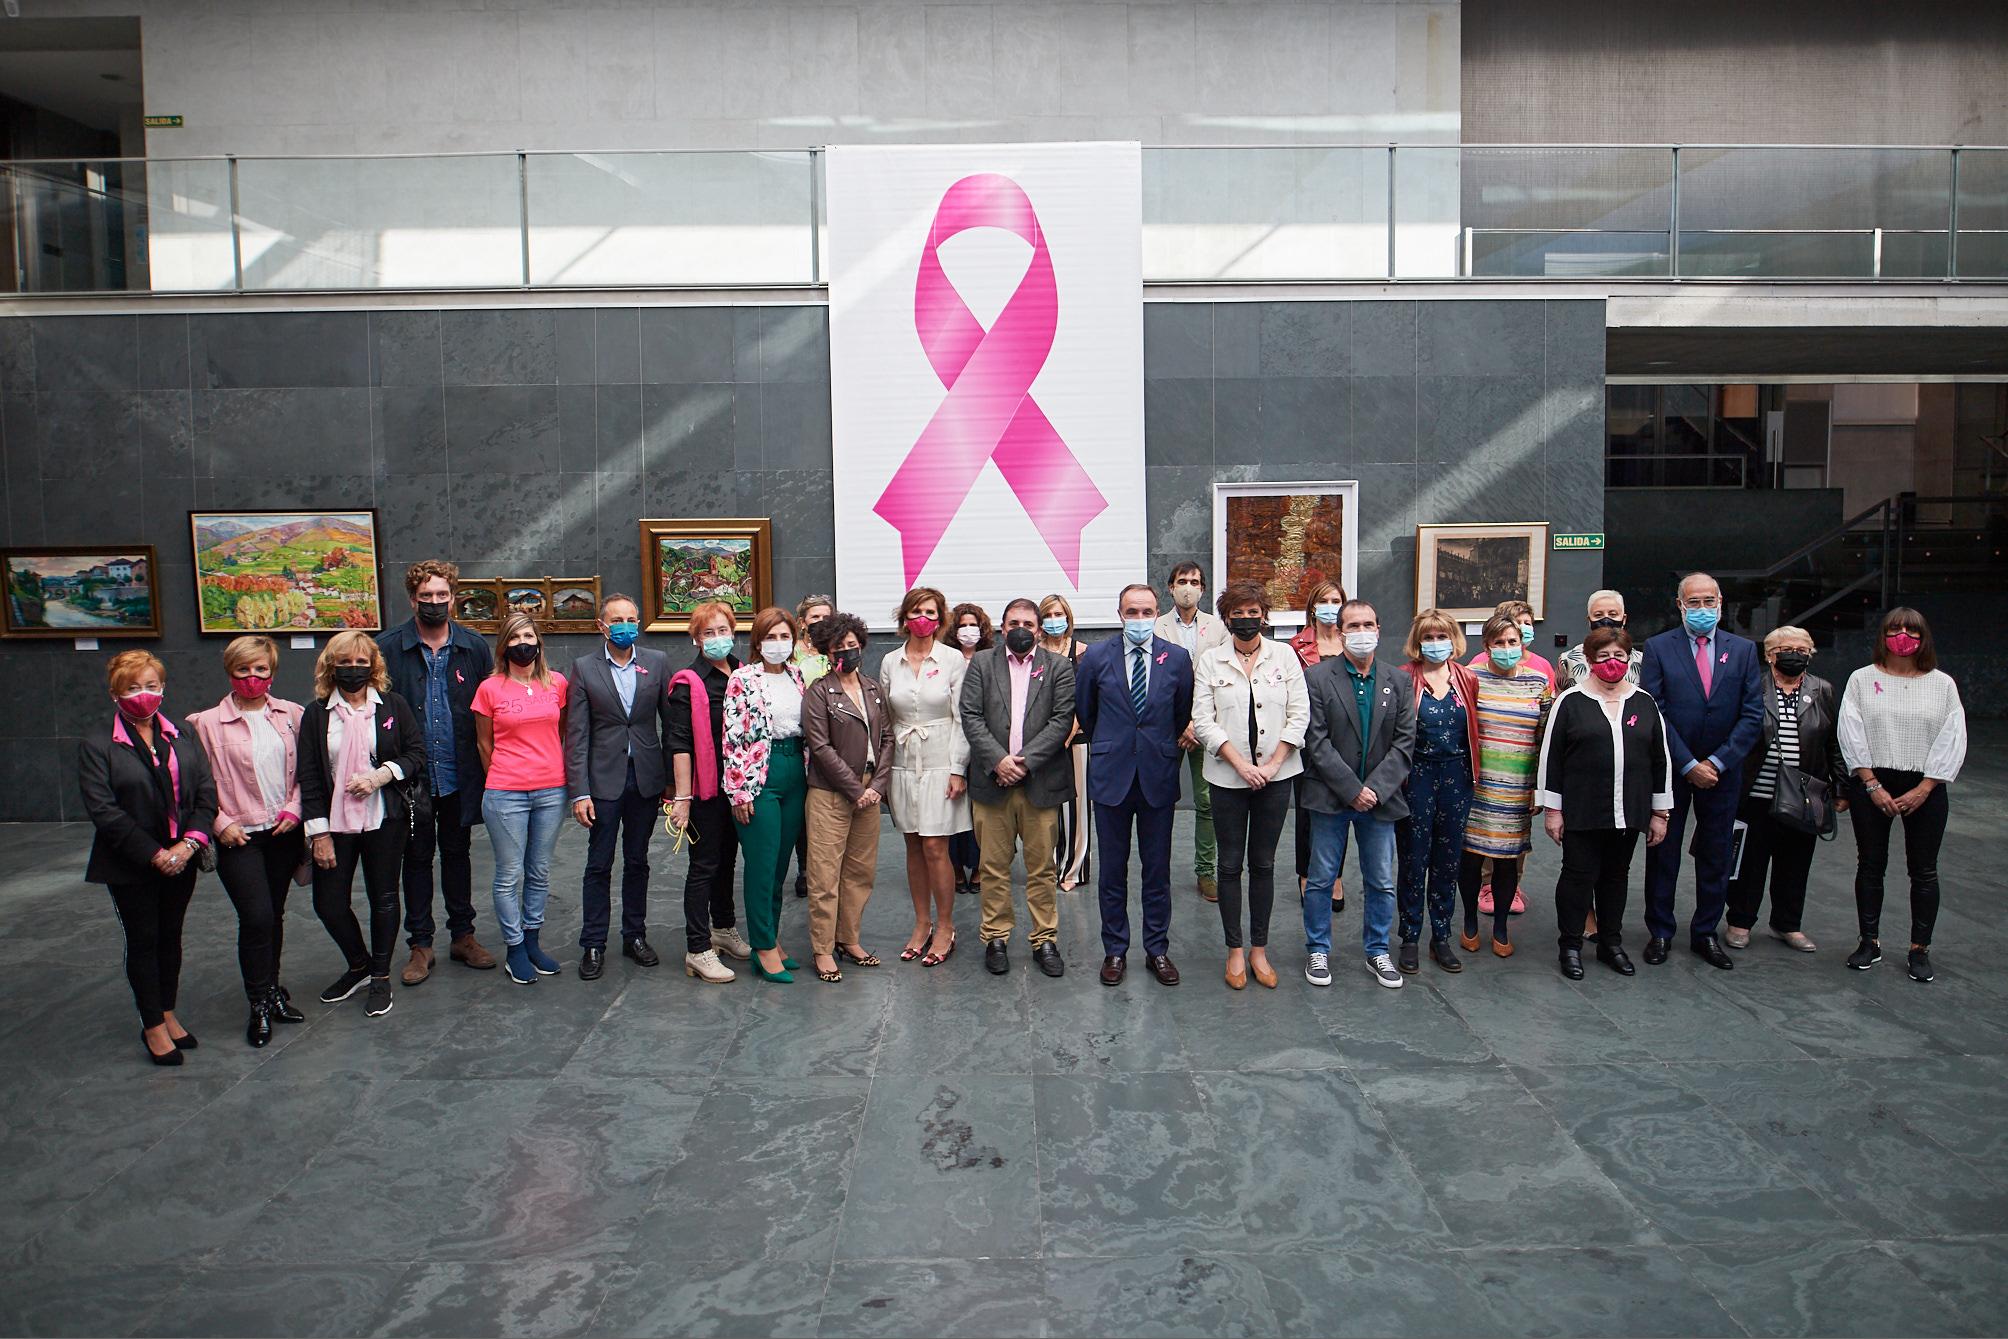 Foto de familia de los asistentes al acto en el atrio del Parlamento